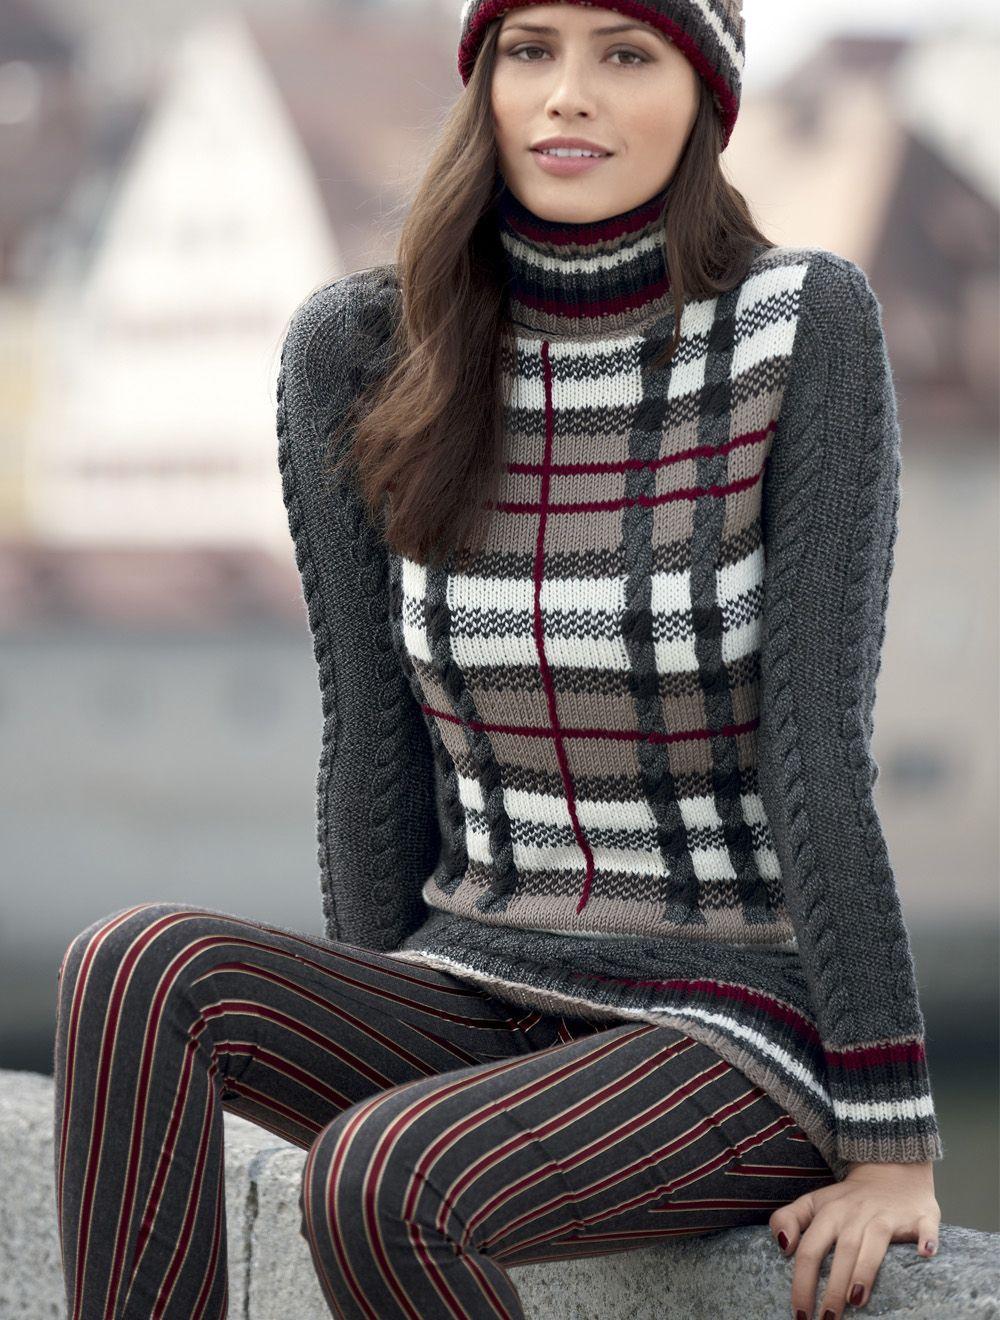 модный свитер спицами к кокеткой вязание схема